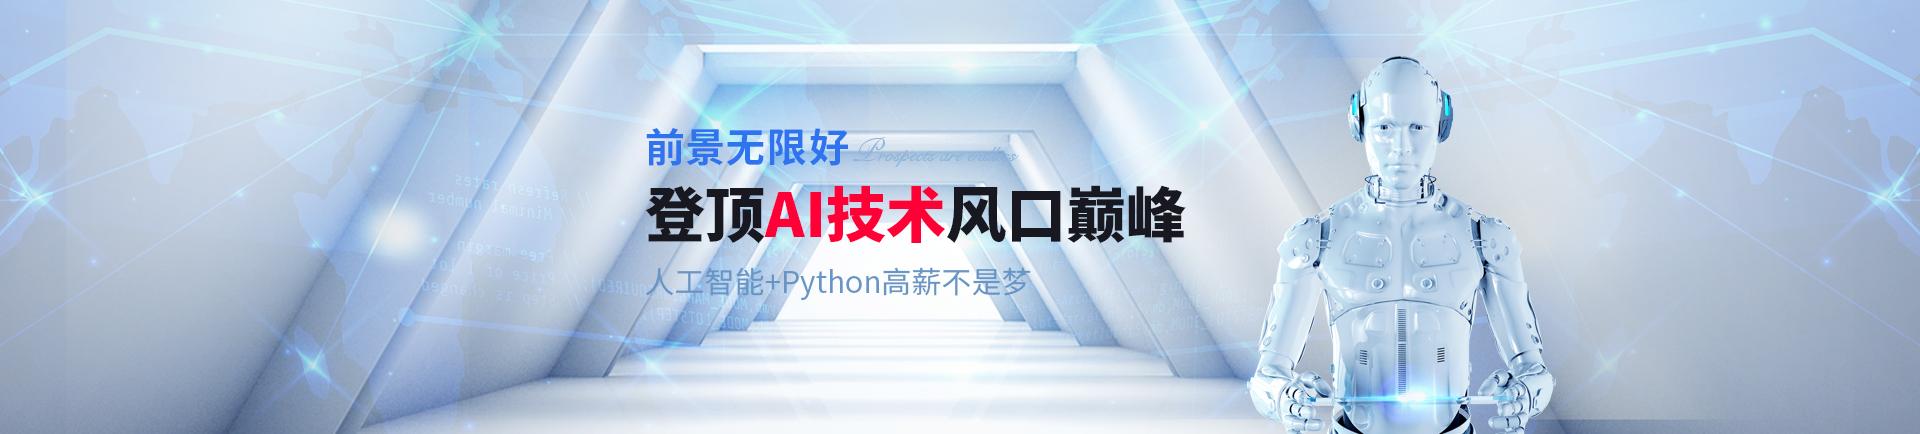 登顶AI技术风�巅峰 人工智能+Python挑战高薪-wuhan